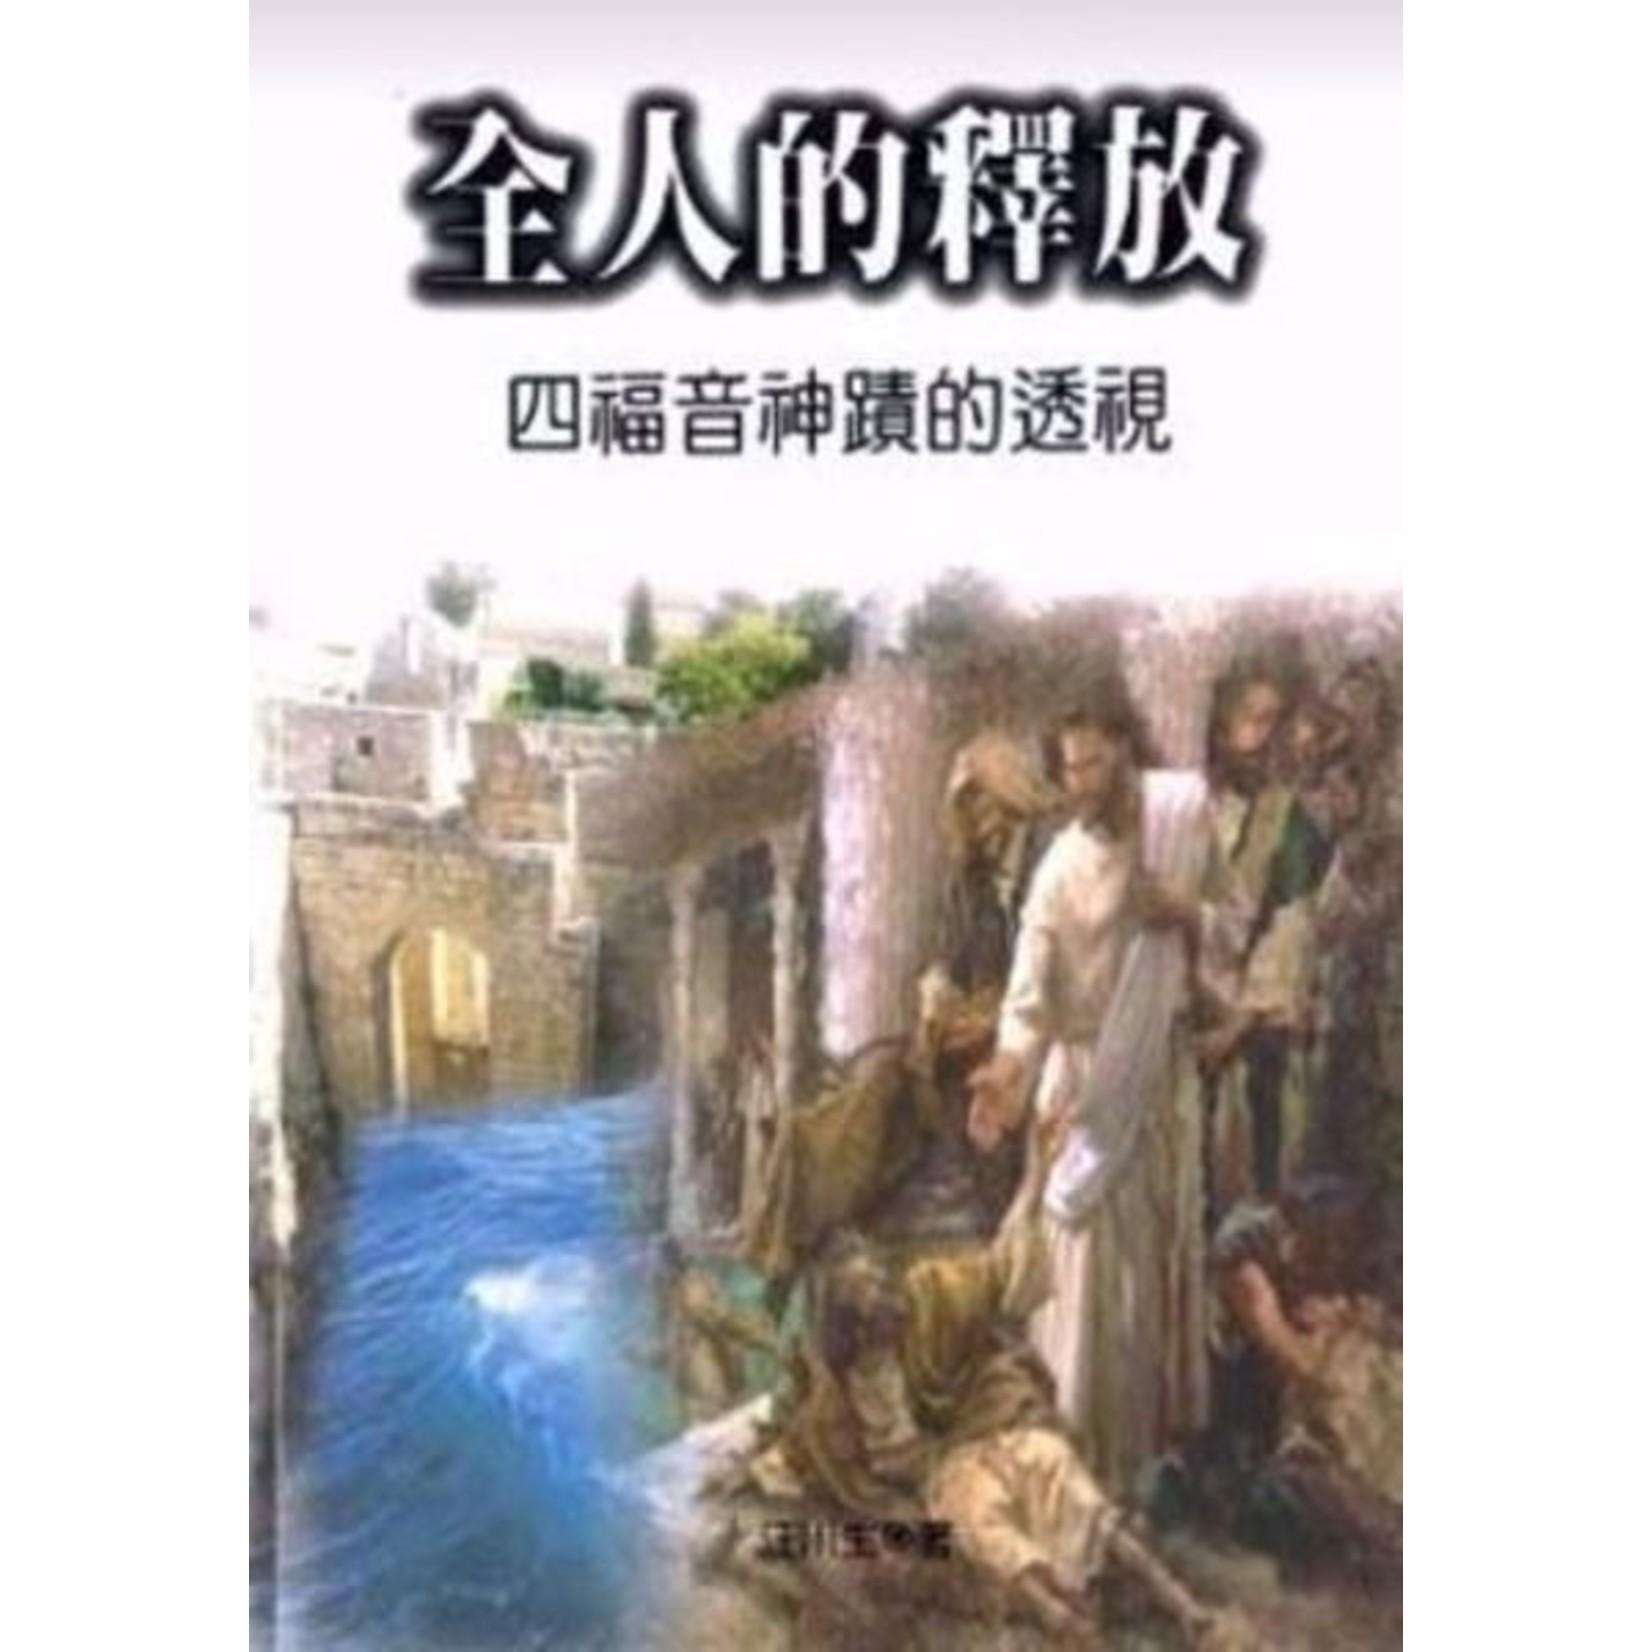 道聲 Taosheng Taiwan 全人的釋放:四福音神蹟的透視